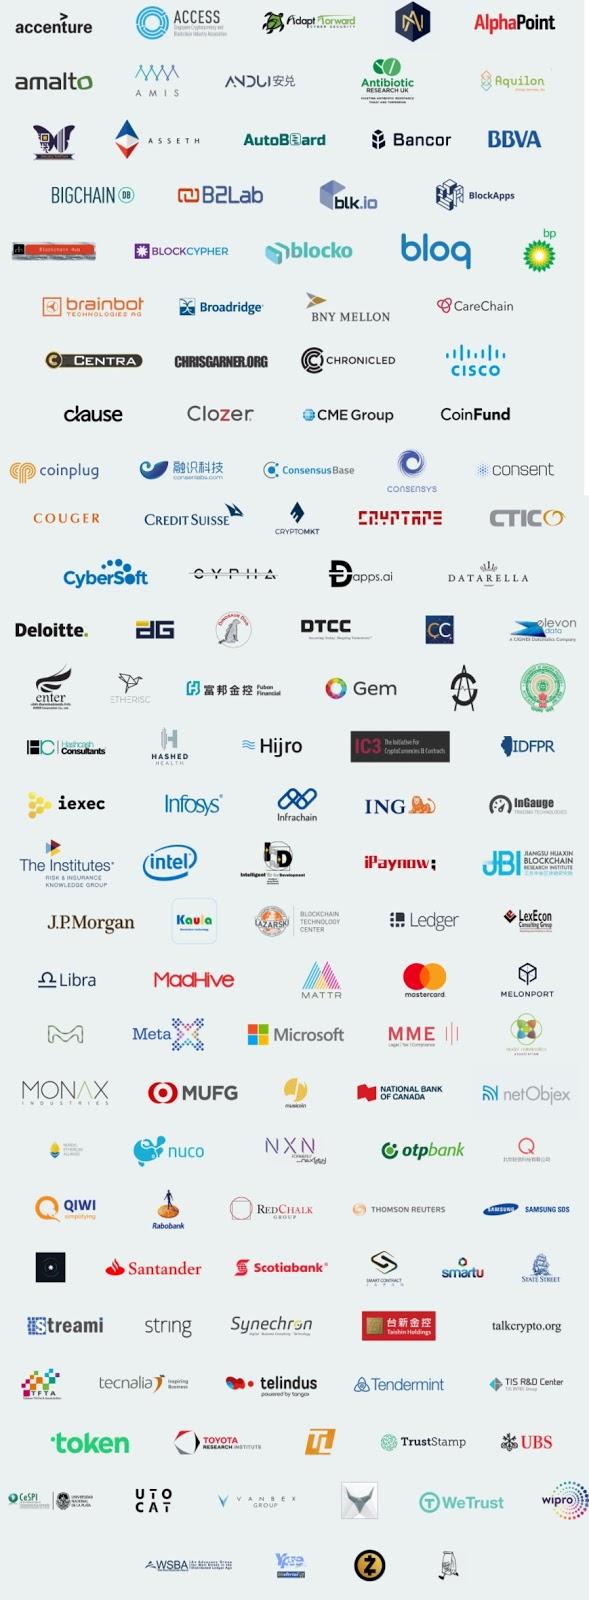 Enterprise Ethereum Alliance Members - members of EEA